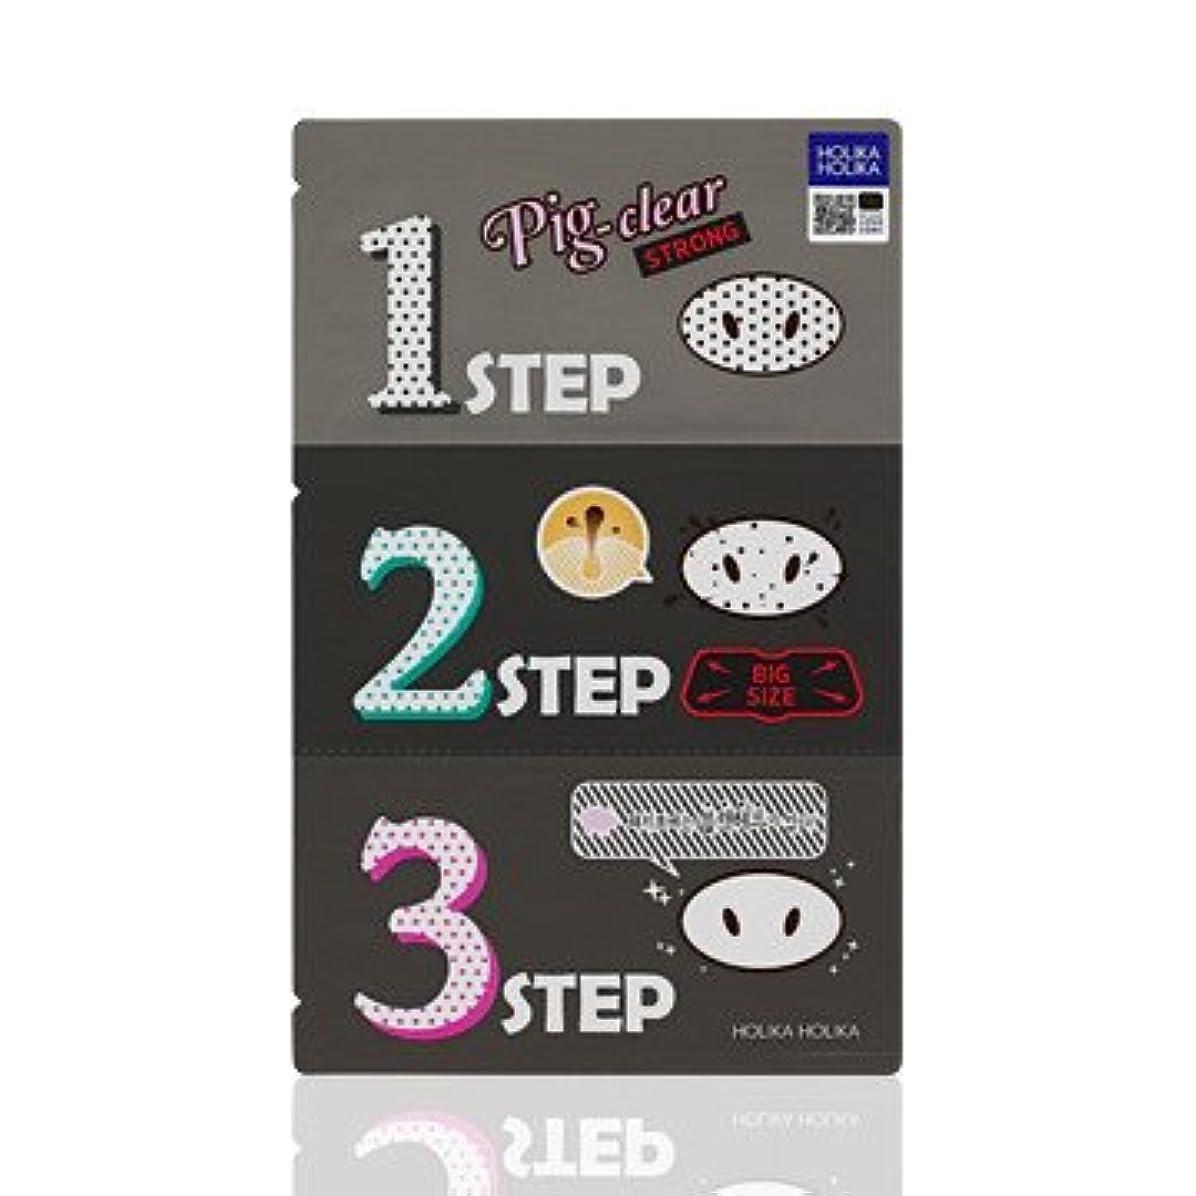 リーガン尊敬するペニーHolika Holika Pig Nose Clear Black Head 3-Step Kit 3EA